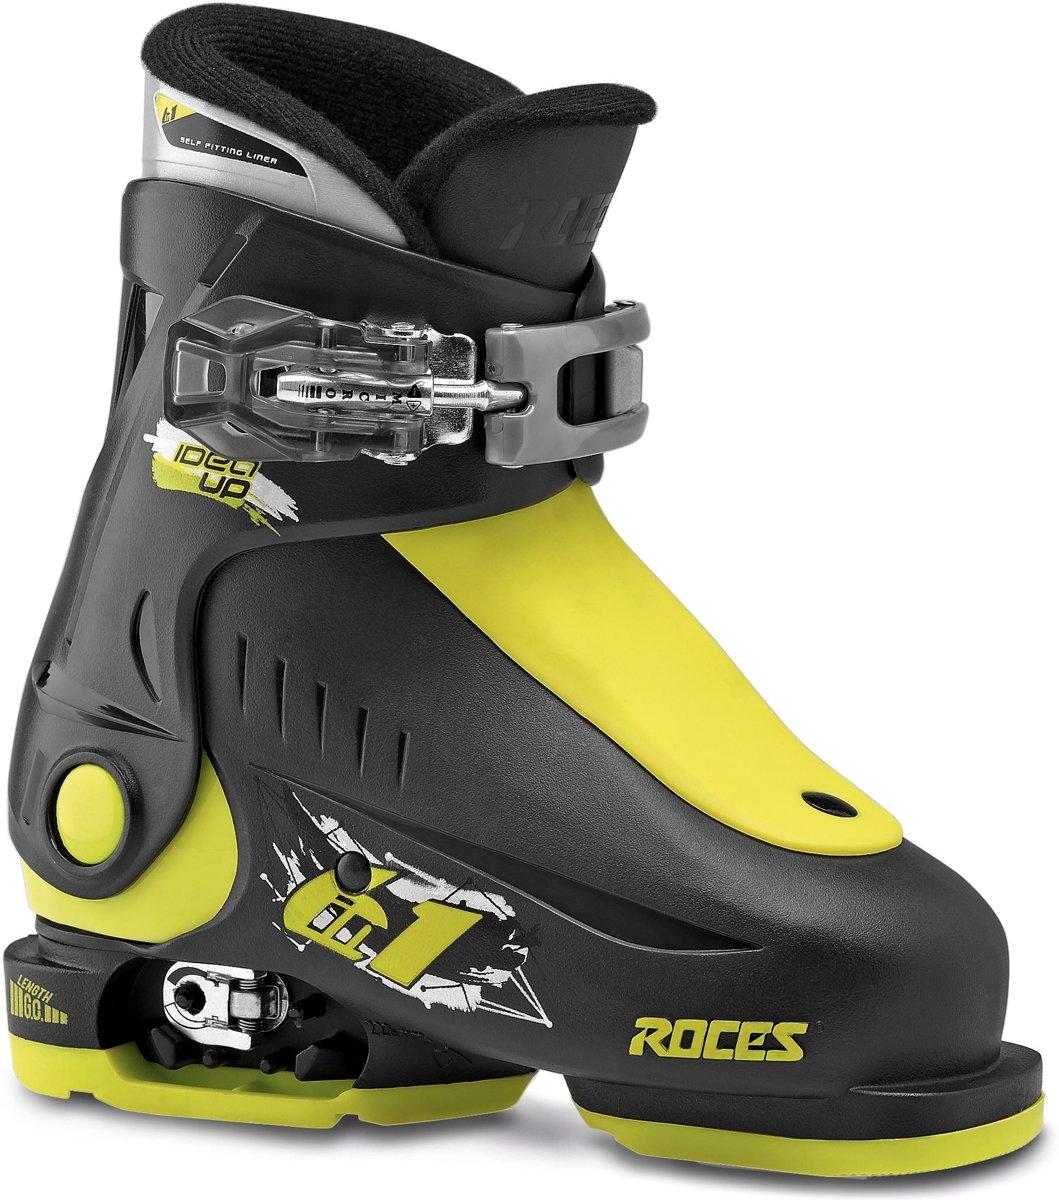 Roces Skischoenen Idea Up Junior Zwart/lime Maat 25-29